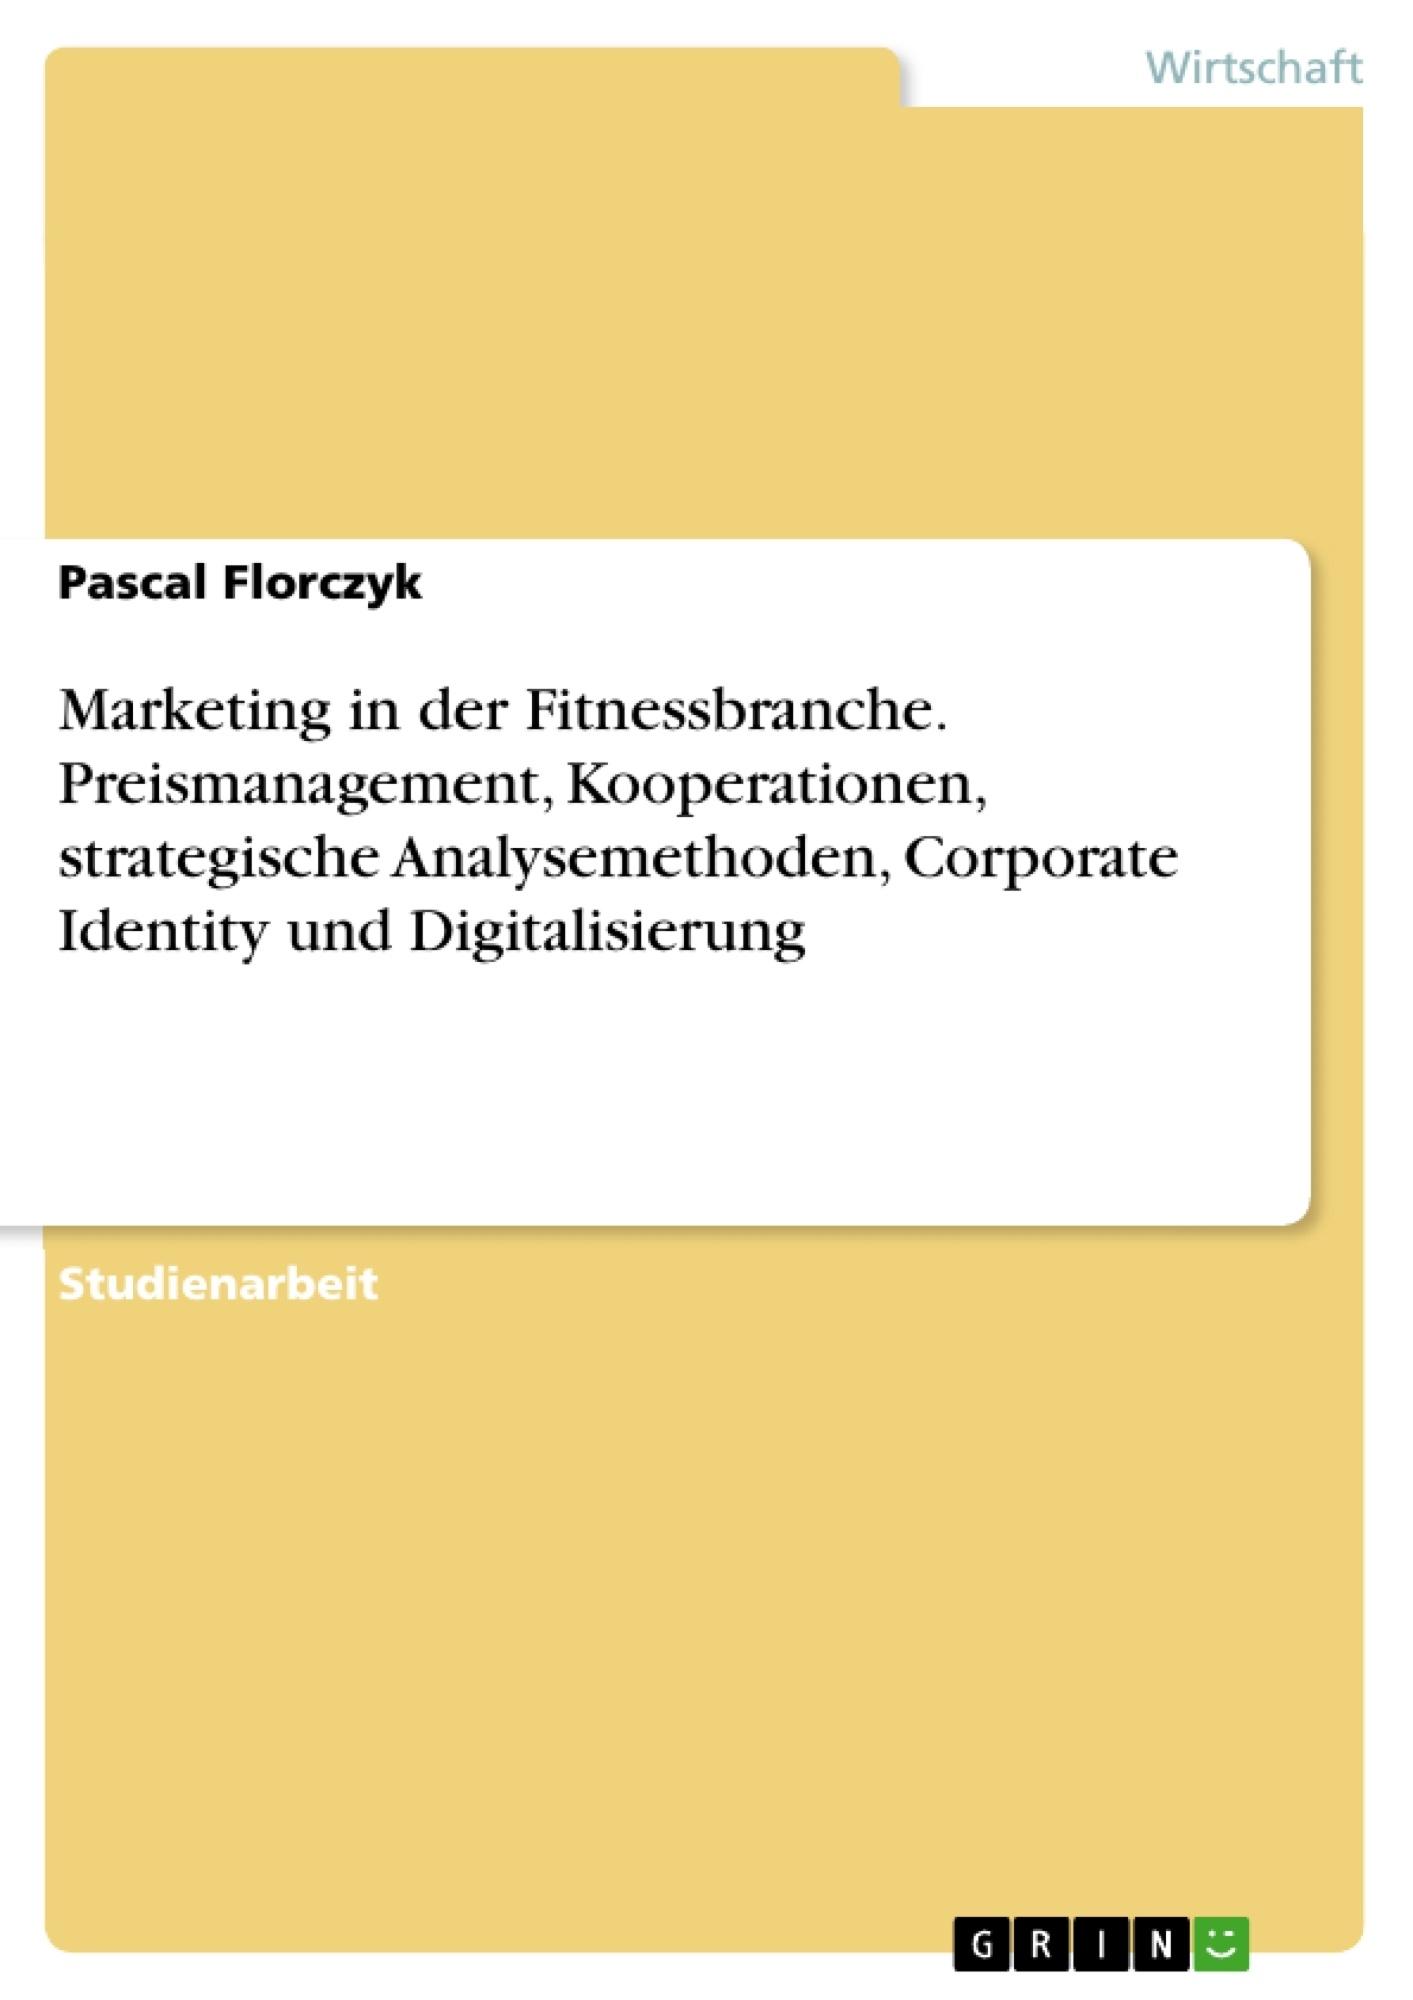 Titel: Marketing in der Fitnessbranche. Preismanagement, Kooperationen, strategische Analysemethoden, Corporate Identity und Digitalisierung